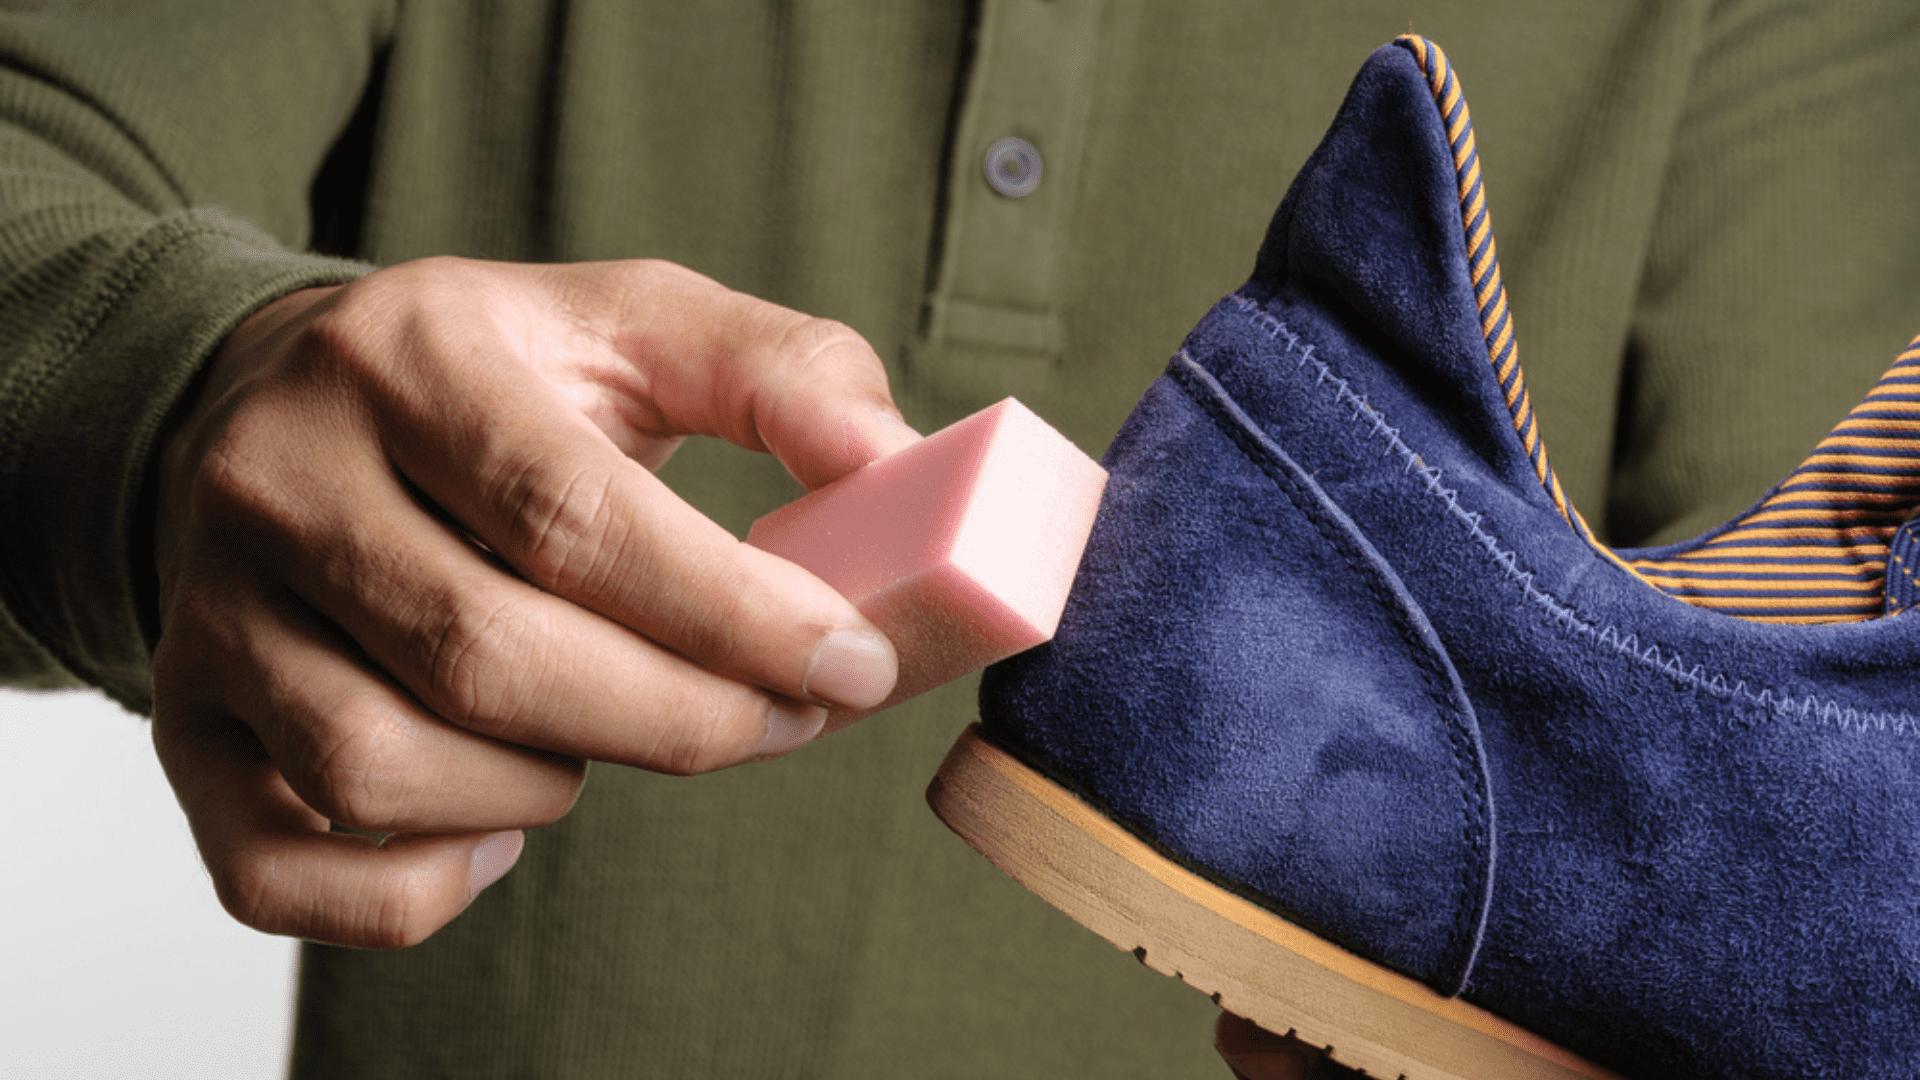 Entenda como limpar tênis de camurça abaixo! (Imagem: Reprodução/Shutterstock)